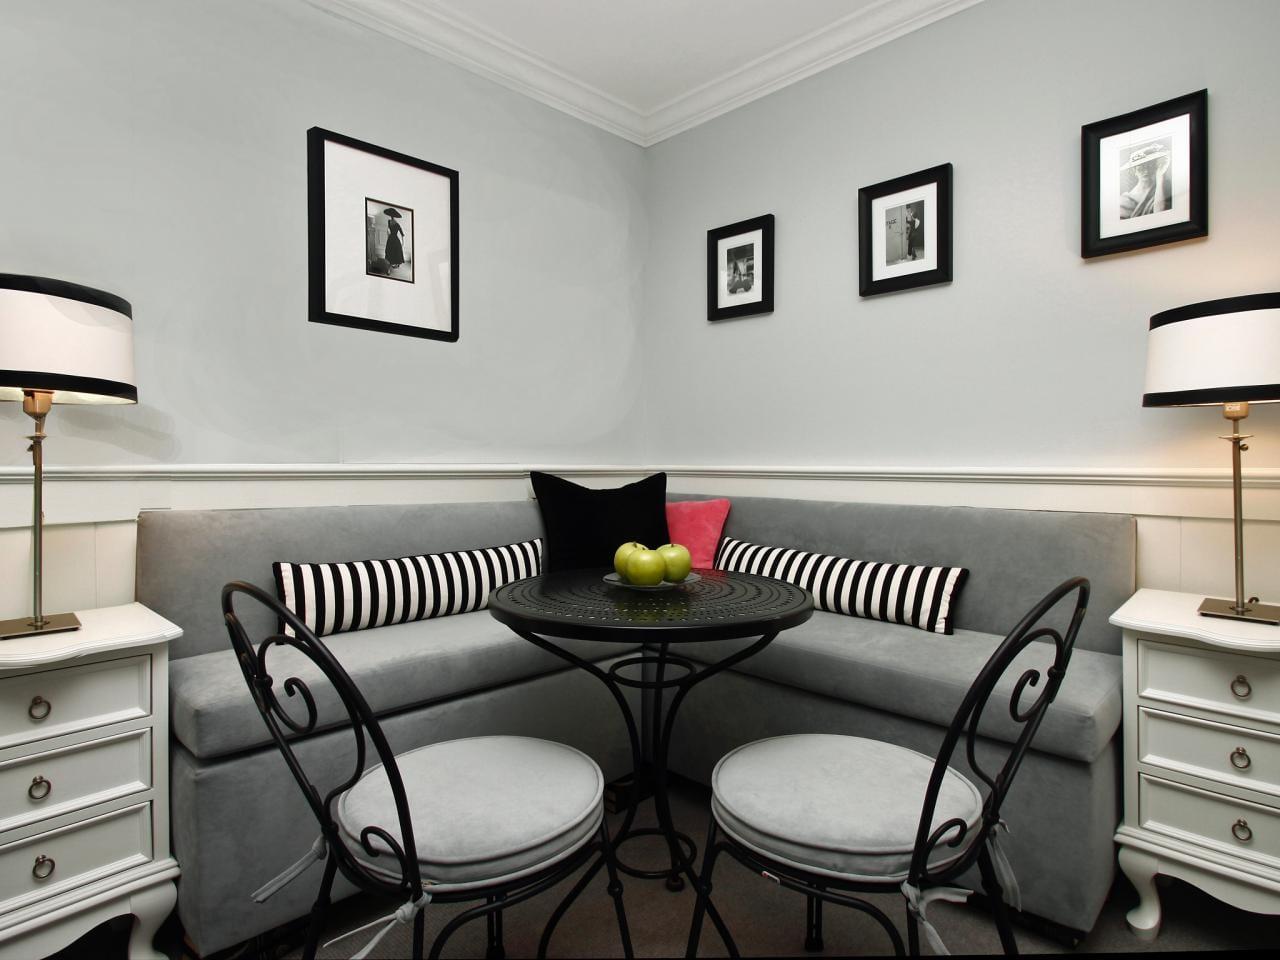 kleine küche gestalten mit rustikalen nachttische weiß und Tischlampen_küchenwandgestaltung mit schwarzen bilderrahmen